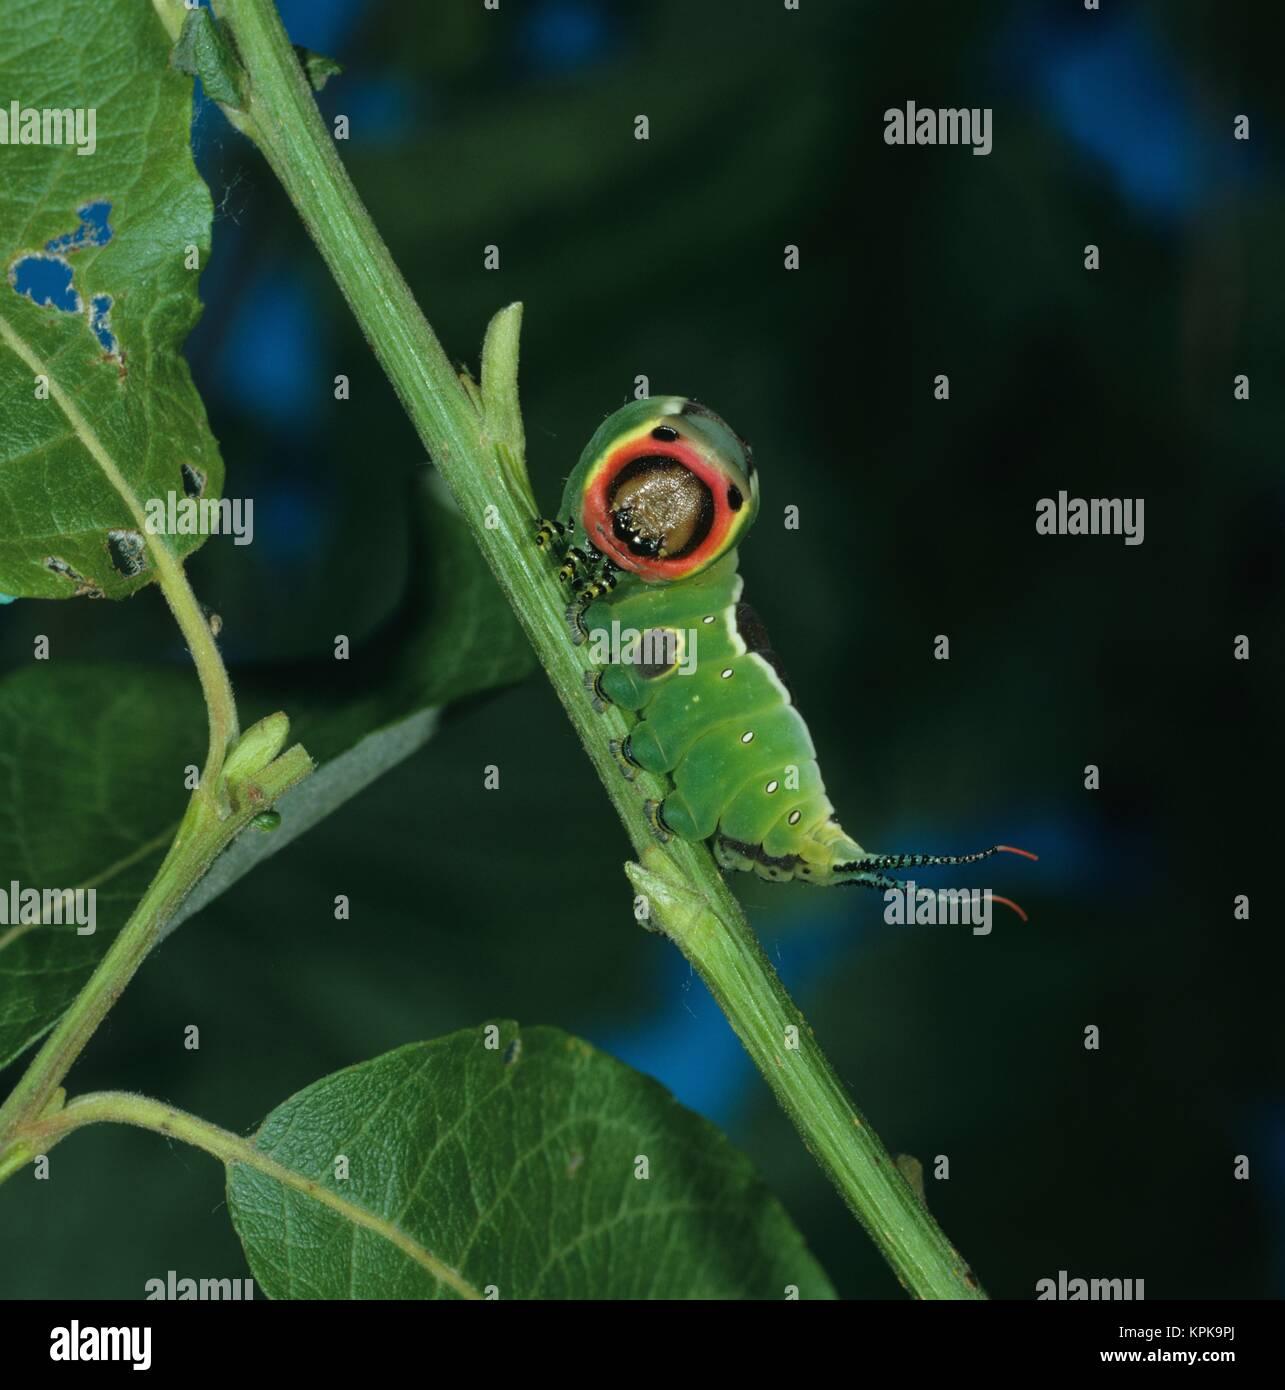 Erwachsene Raupe des Gabelschwanzfalters in Drohstellung zur Abwehr von Fressfeinden. Sie wird etwa 70mm lang und - Stock Image